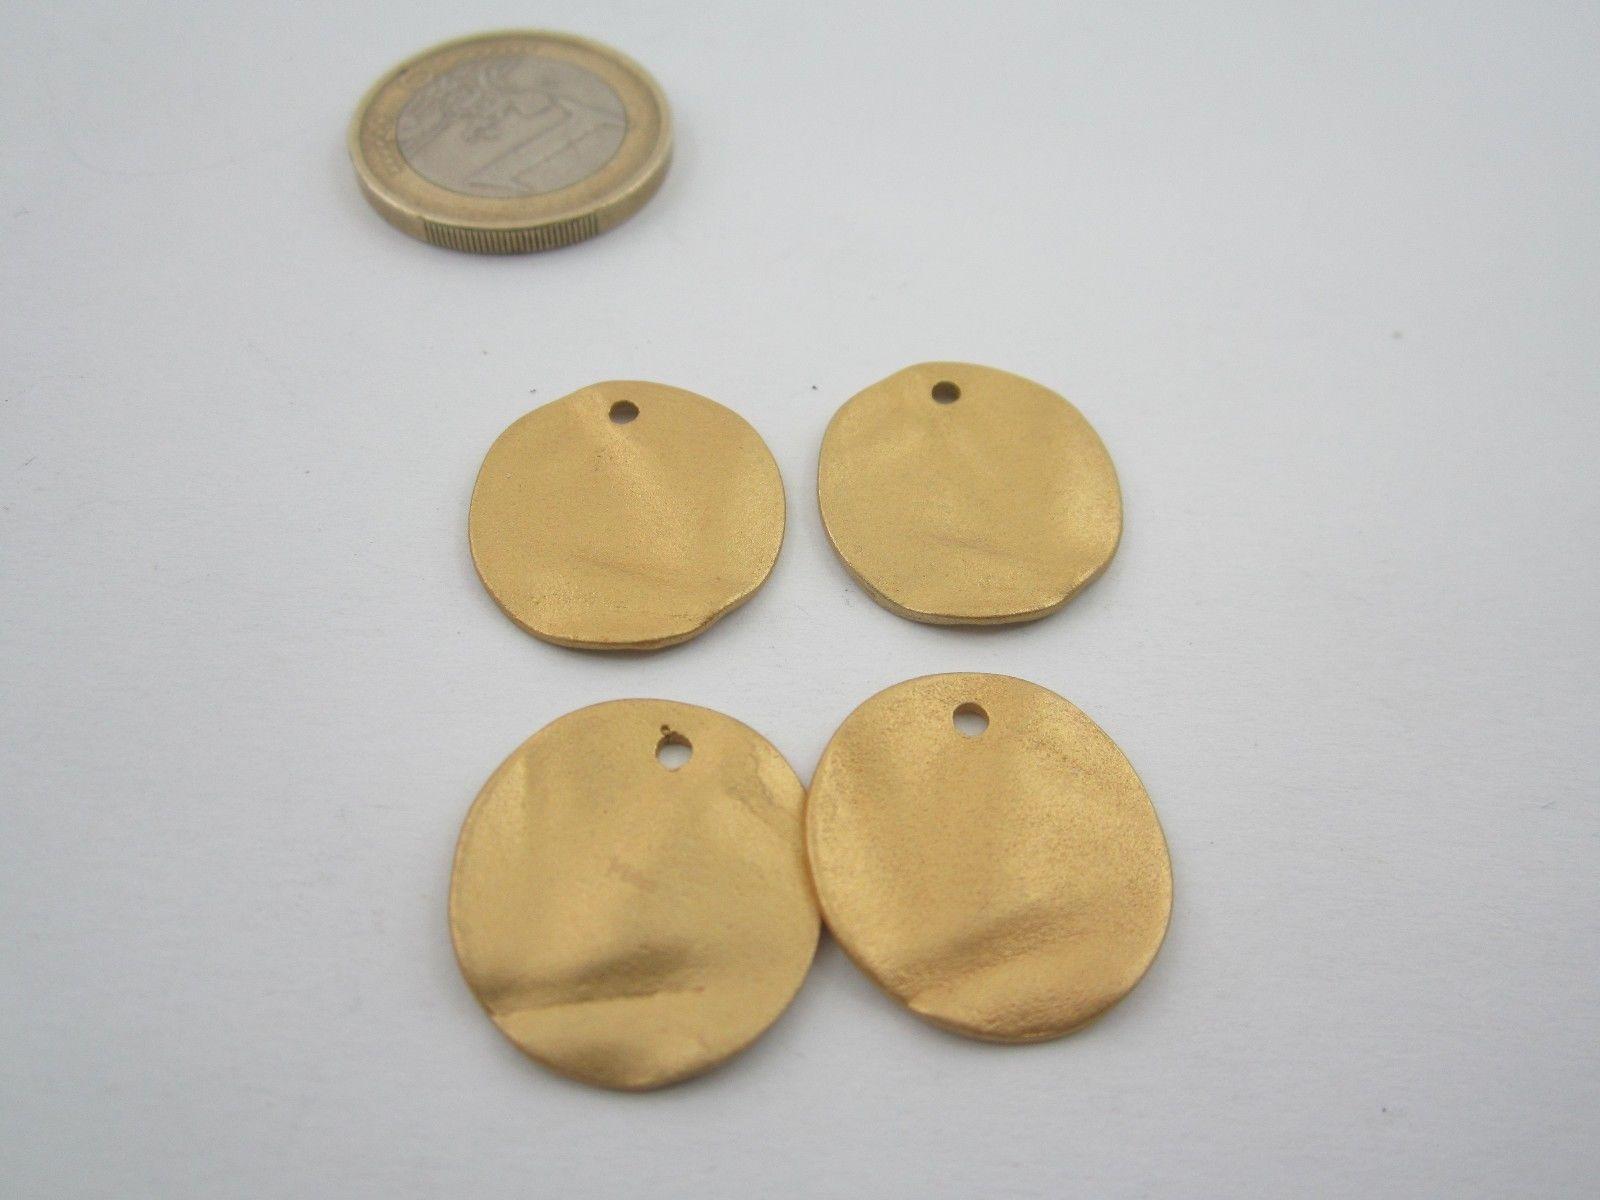 2 basi x orecchini zama stella marina placcato oro giallo satinato di 24 x 22 mm